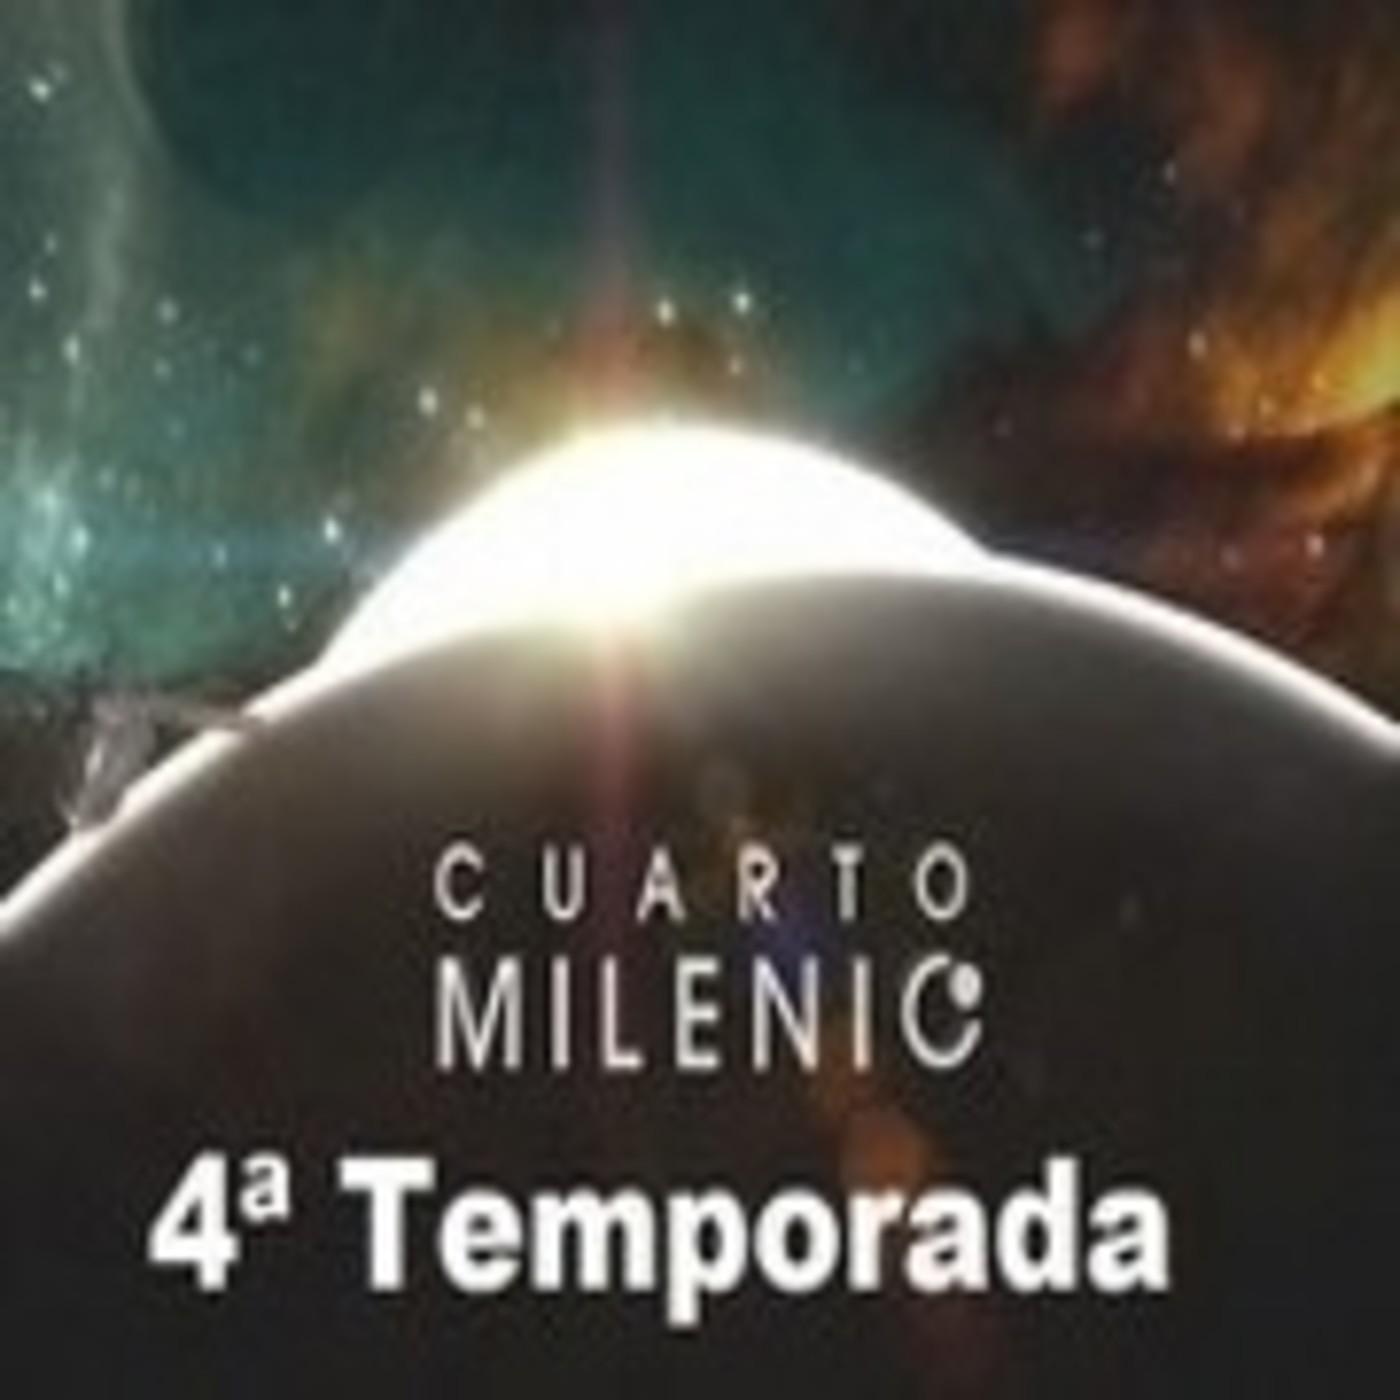 Cuarto milenio temporada 4 programa 40 imago mortis for Cuarto milenio temporada 6